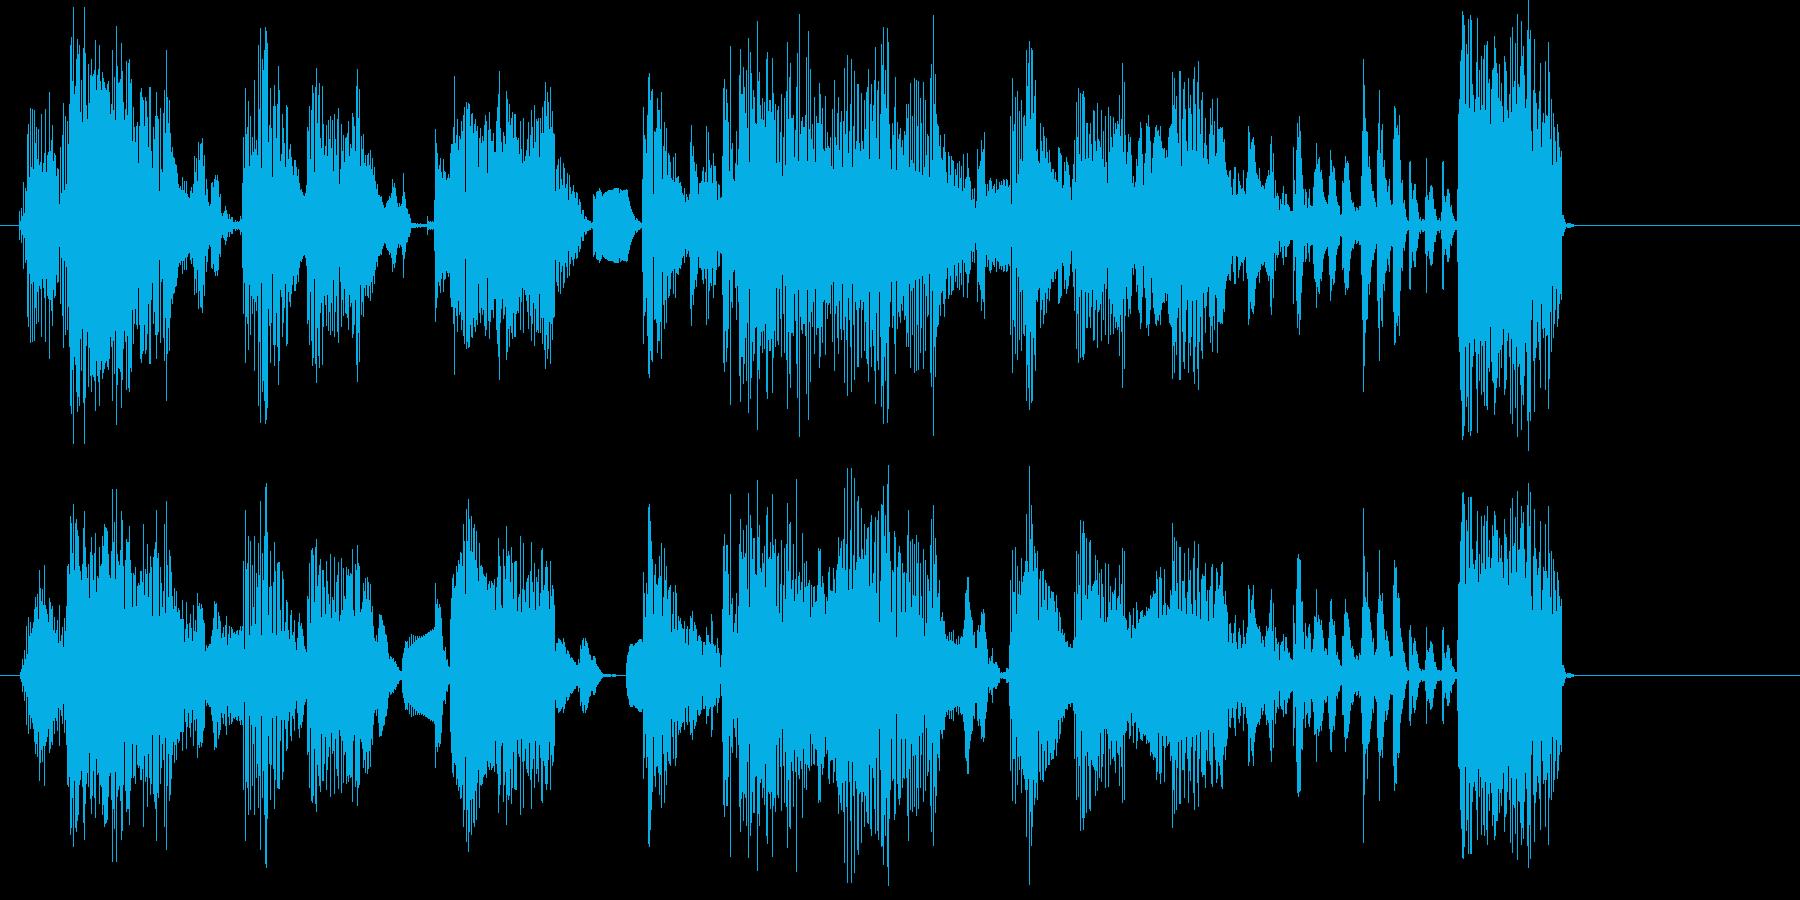 潰れたような音のショートミュージックの再生済みの波形